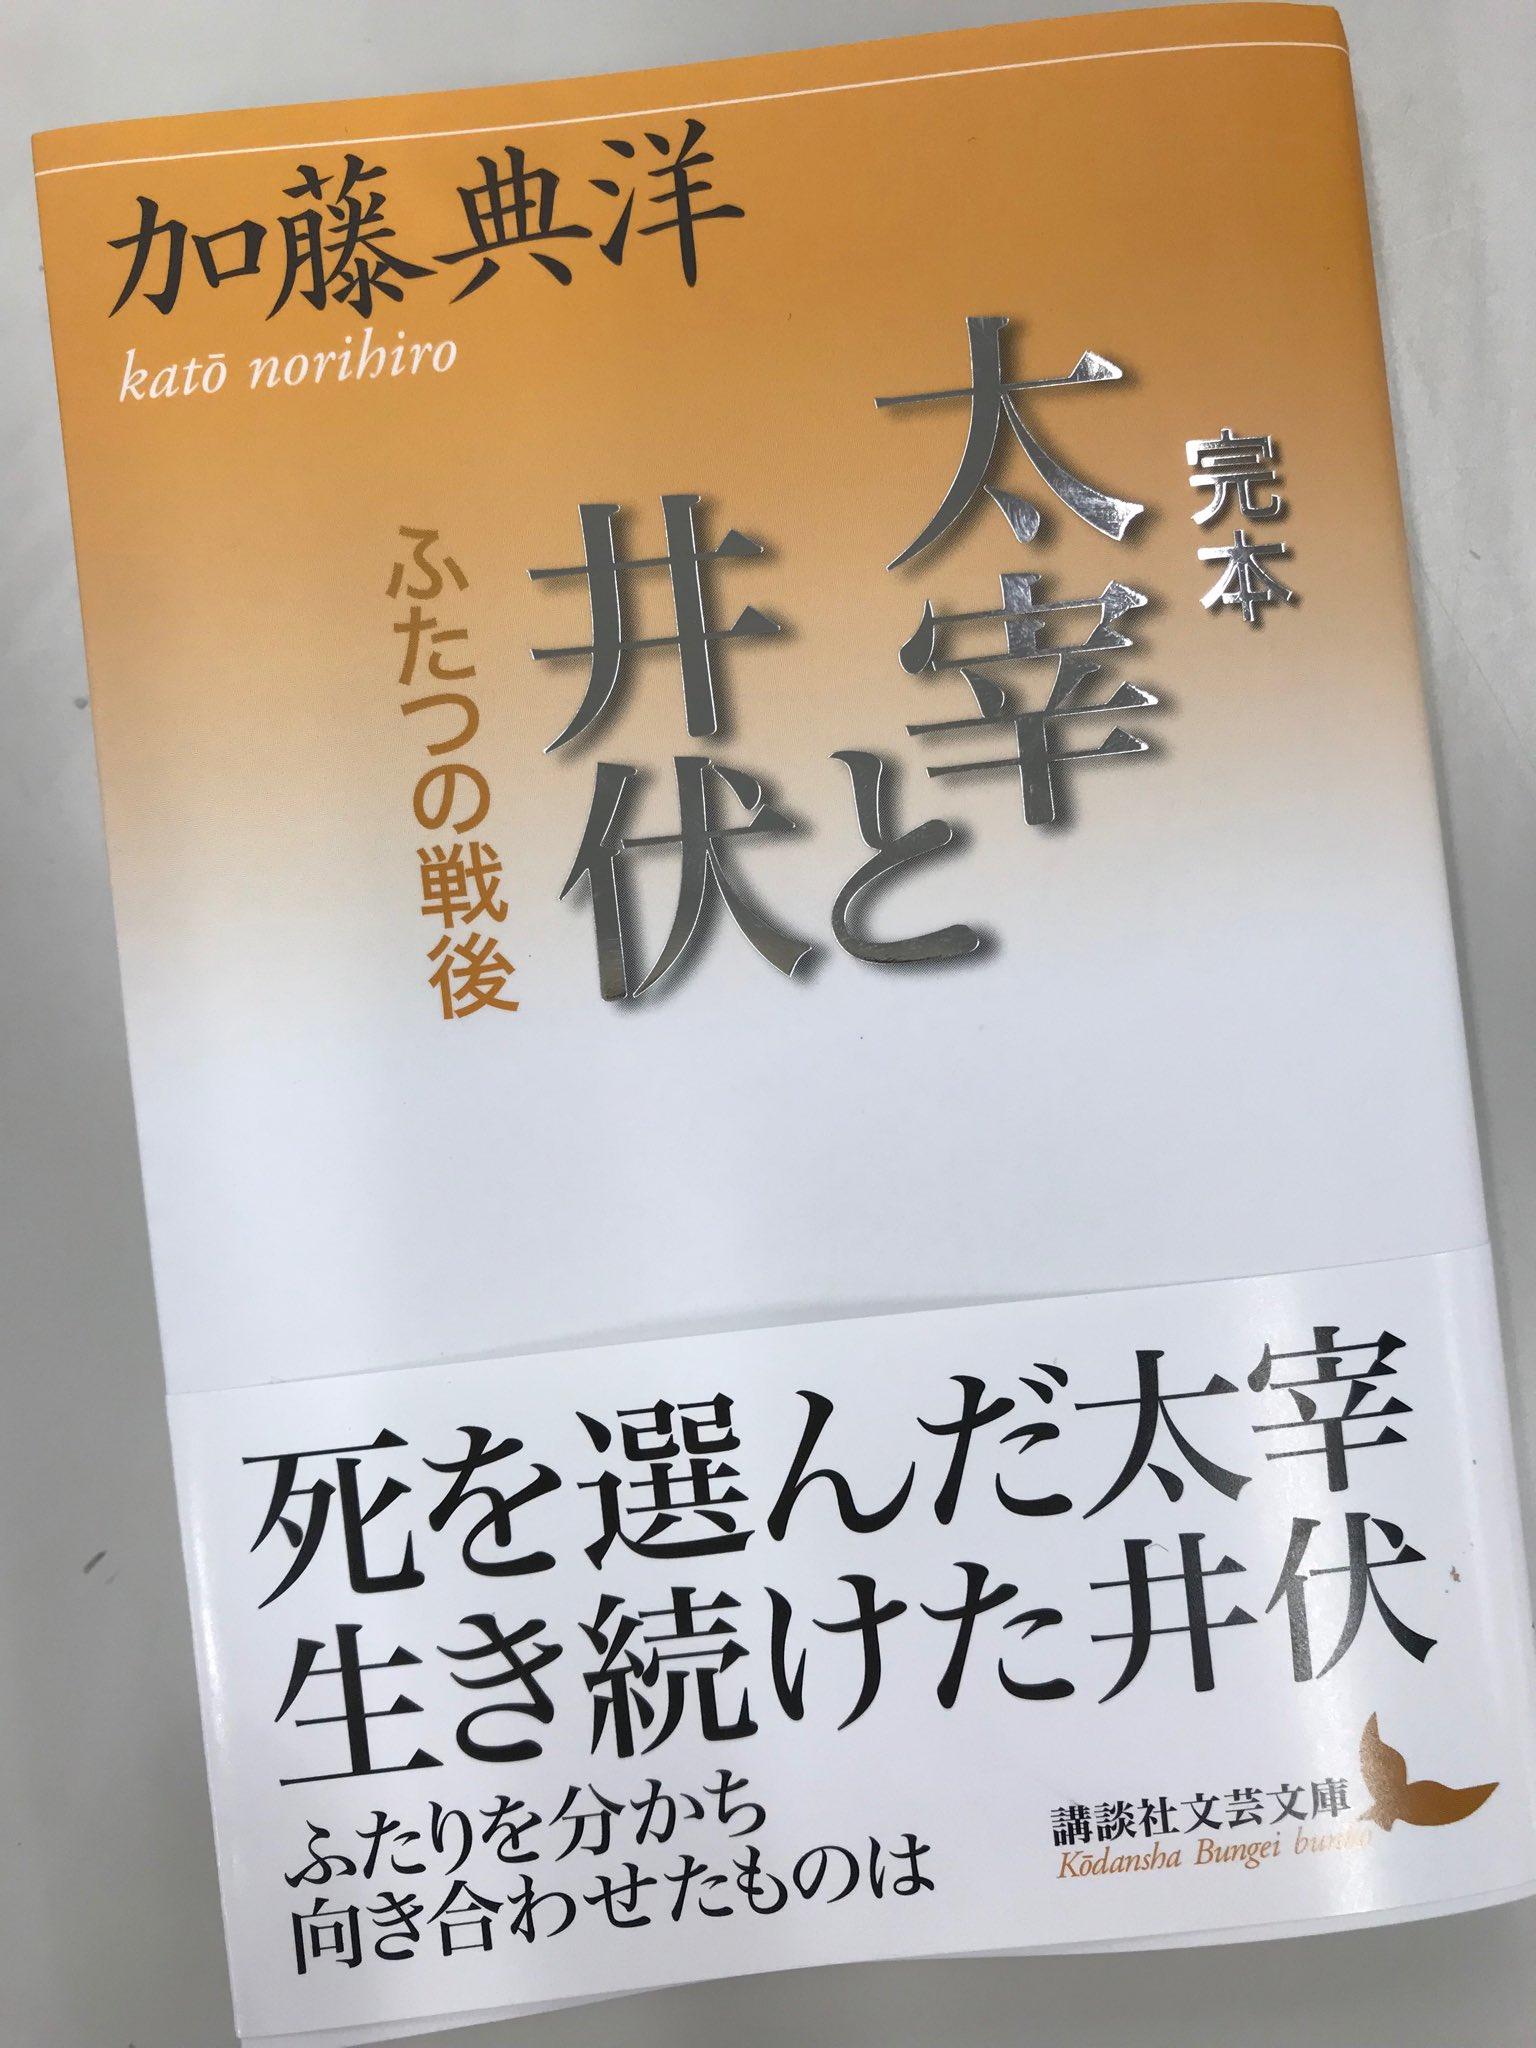 画像,新刊を出させていただいたばかりの加藤典洋さんが逝去されました。巻末の自筆年譜にご闘病のことを書かれていましたが、回復を信じておりました。謹んでご冥福をお祈り申し…